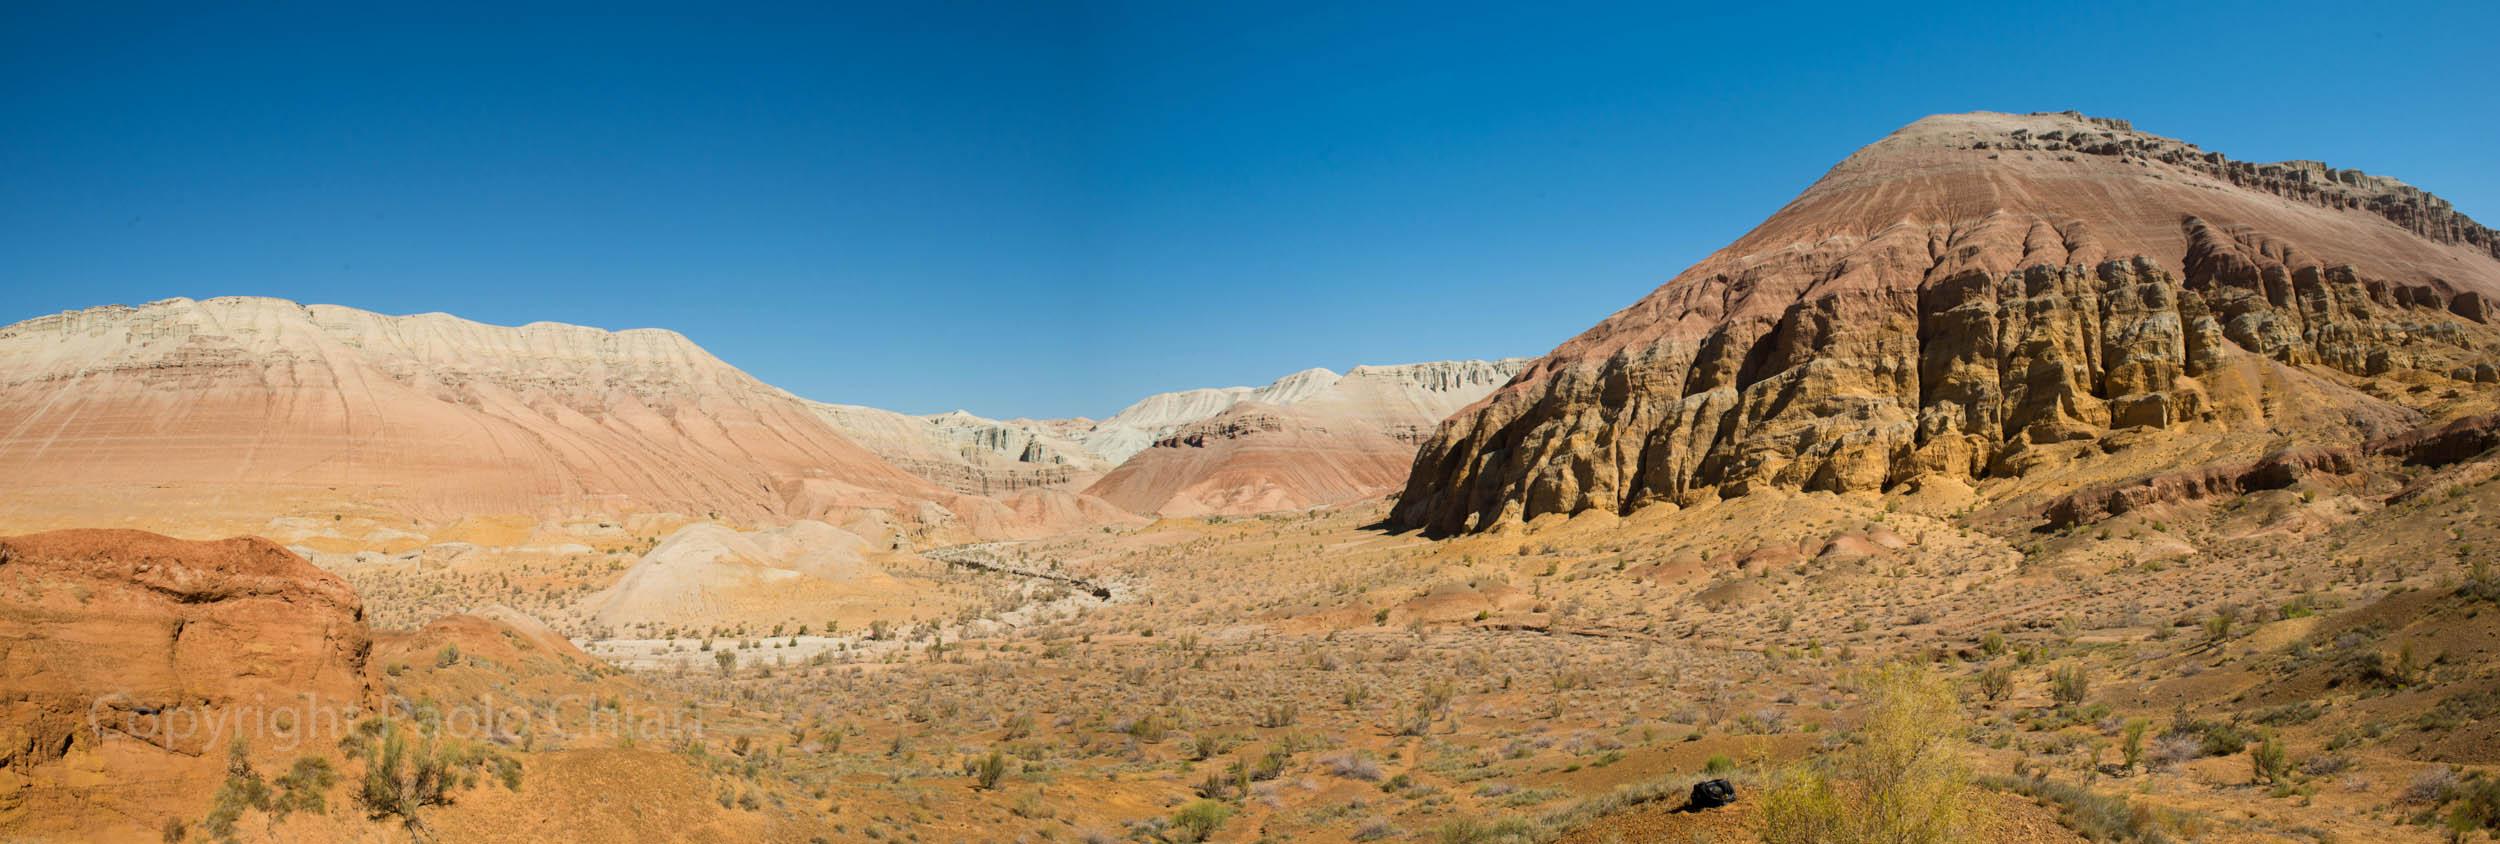 Il deserto roccioso riccamente colorato nel parco nazionale Altyn-Emel